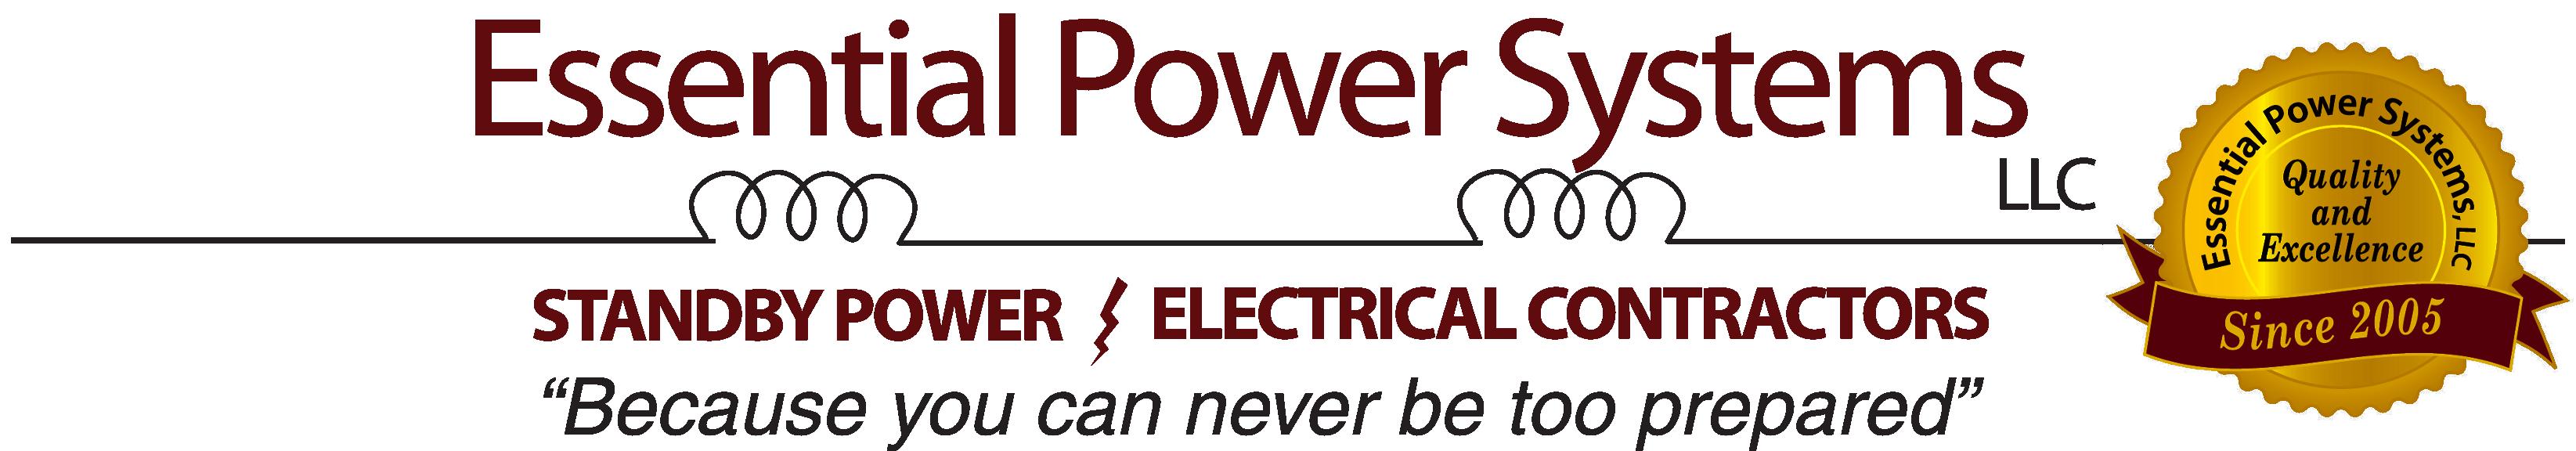 Essential Power Systems, LLC